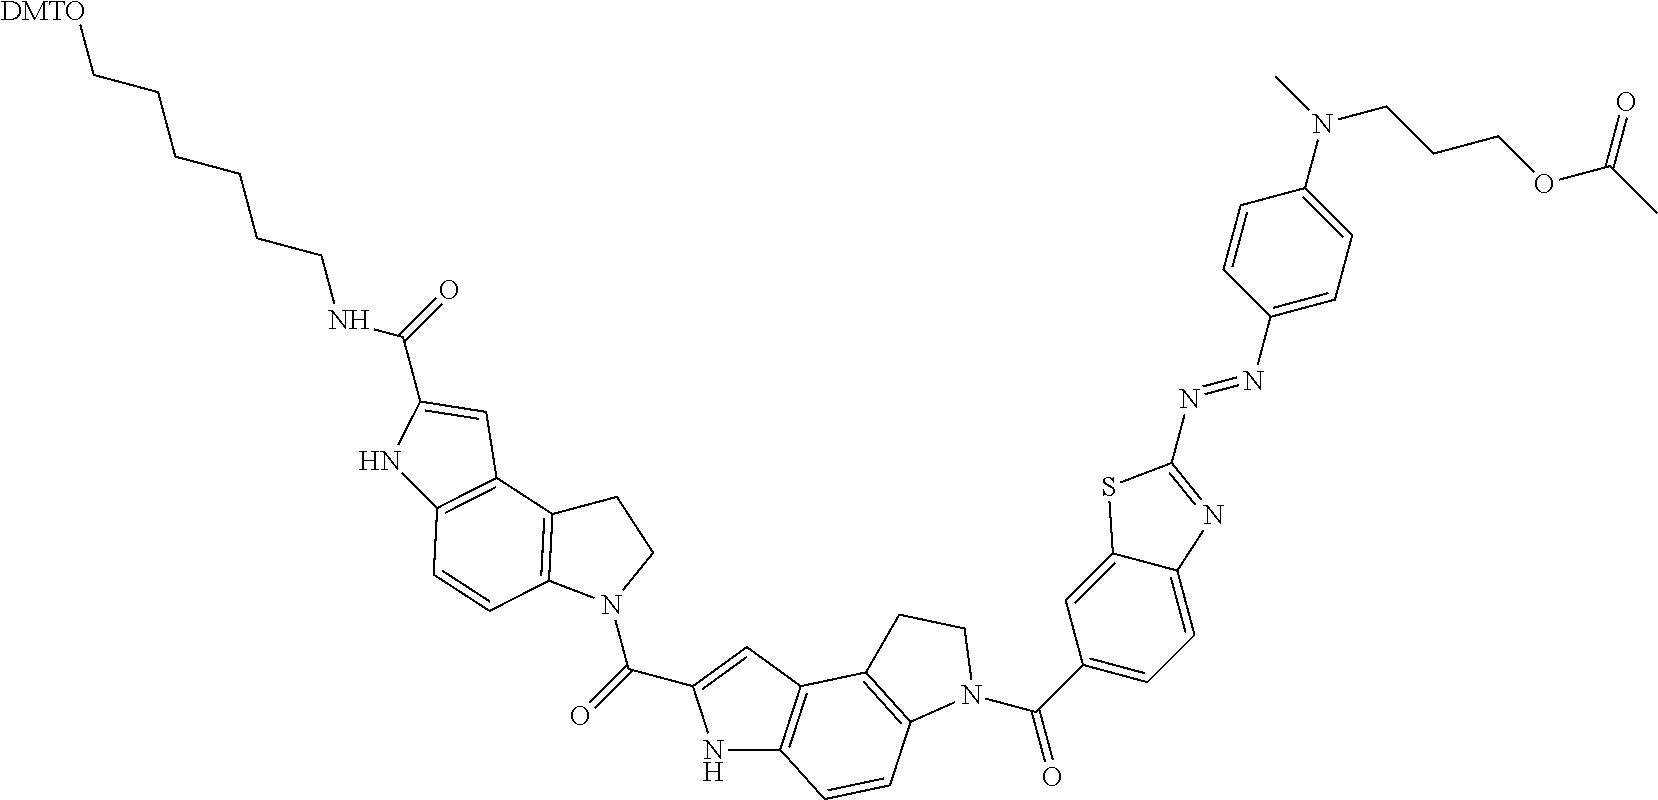 Figure US20190064067A1-20190228-C00106